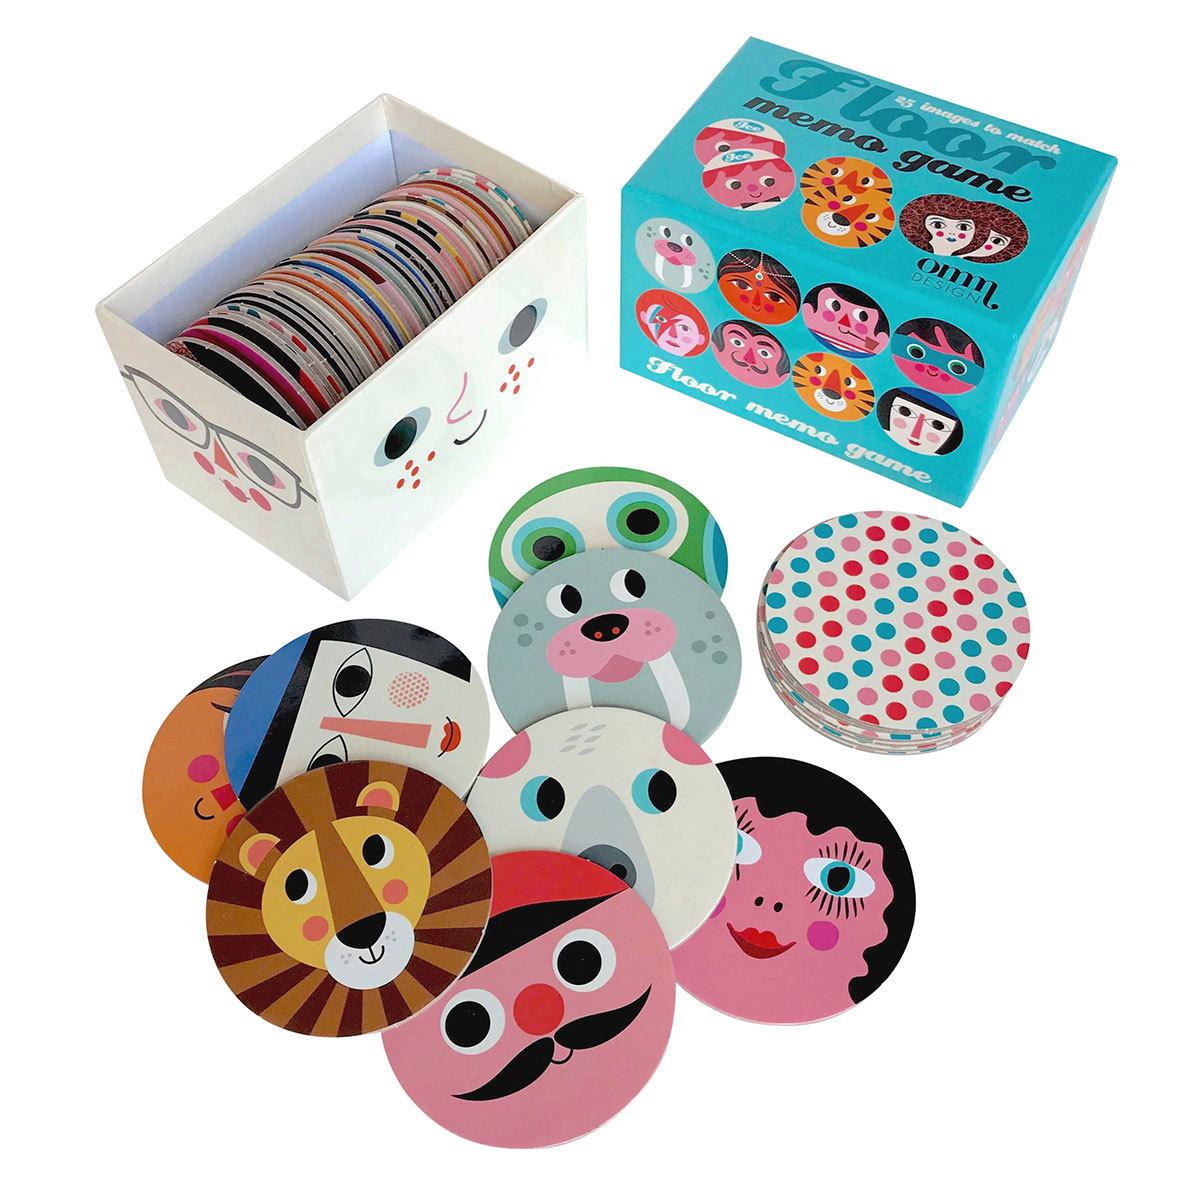 Mes premiers jouets Jeu de Memory Rond par Ingela P. Arrhenius Jeu de Memory Rond par Ingela P. Arrhenius